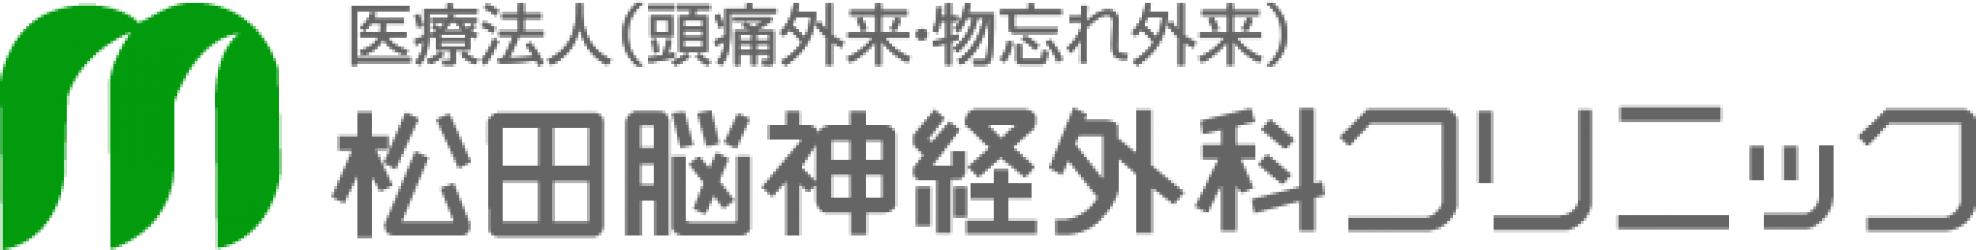 医療法人 松田脳神経外科クリニック